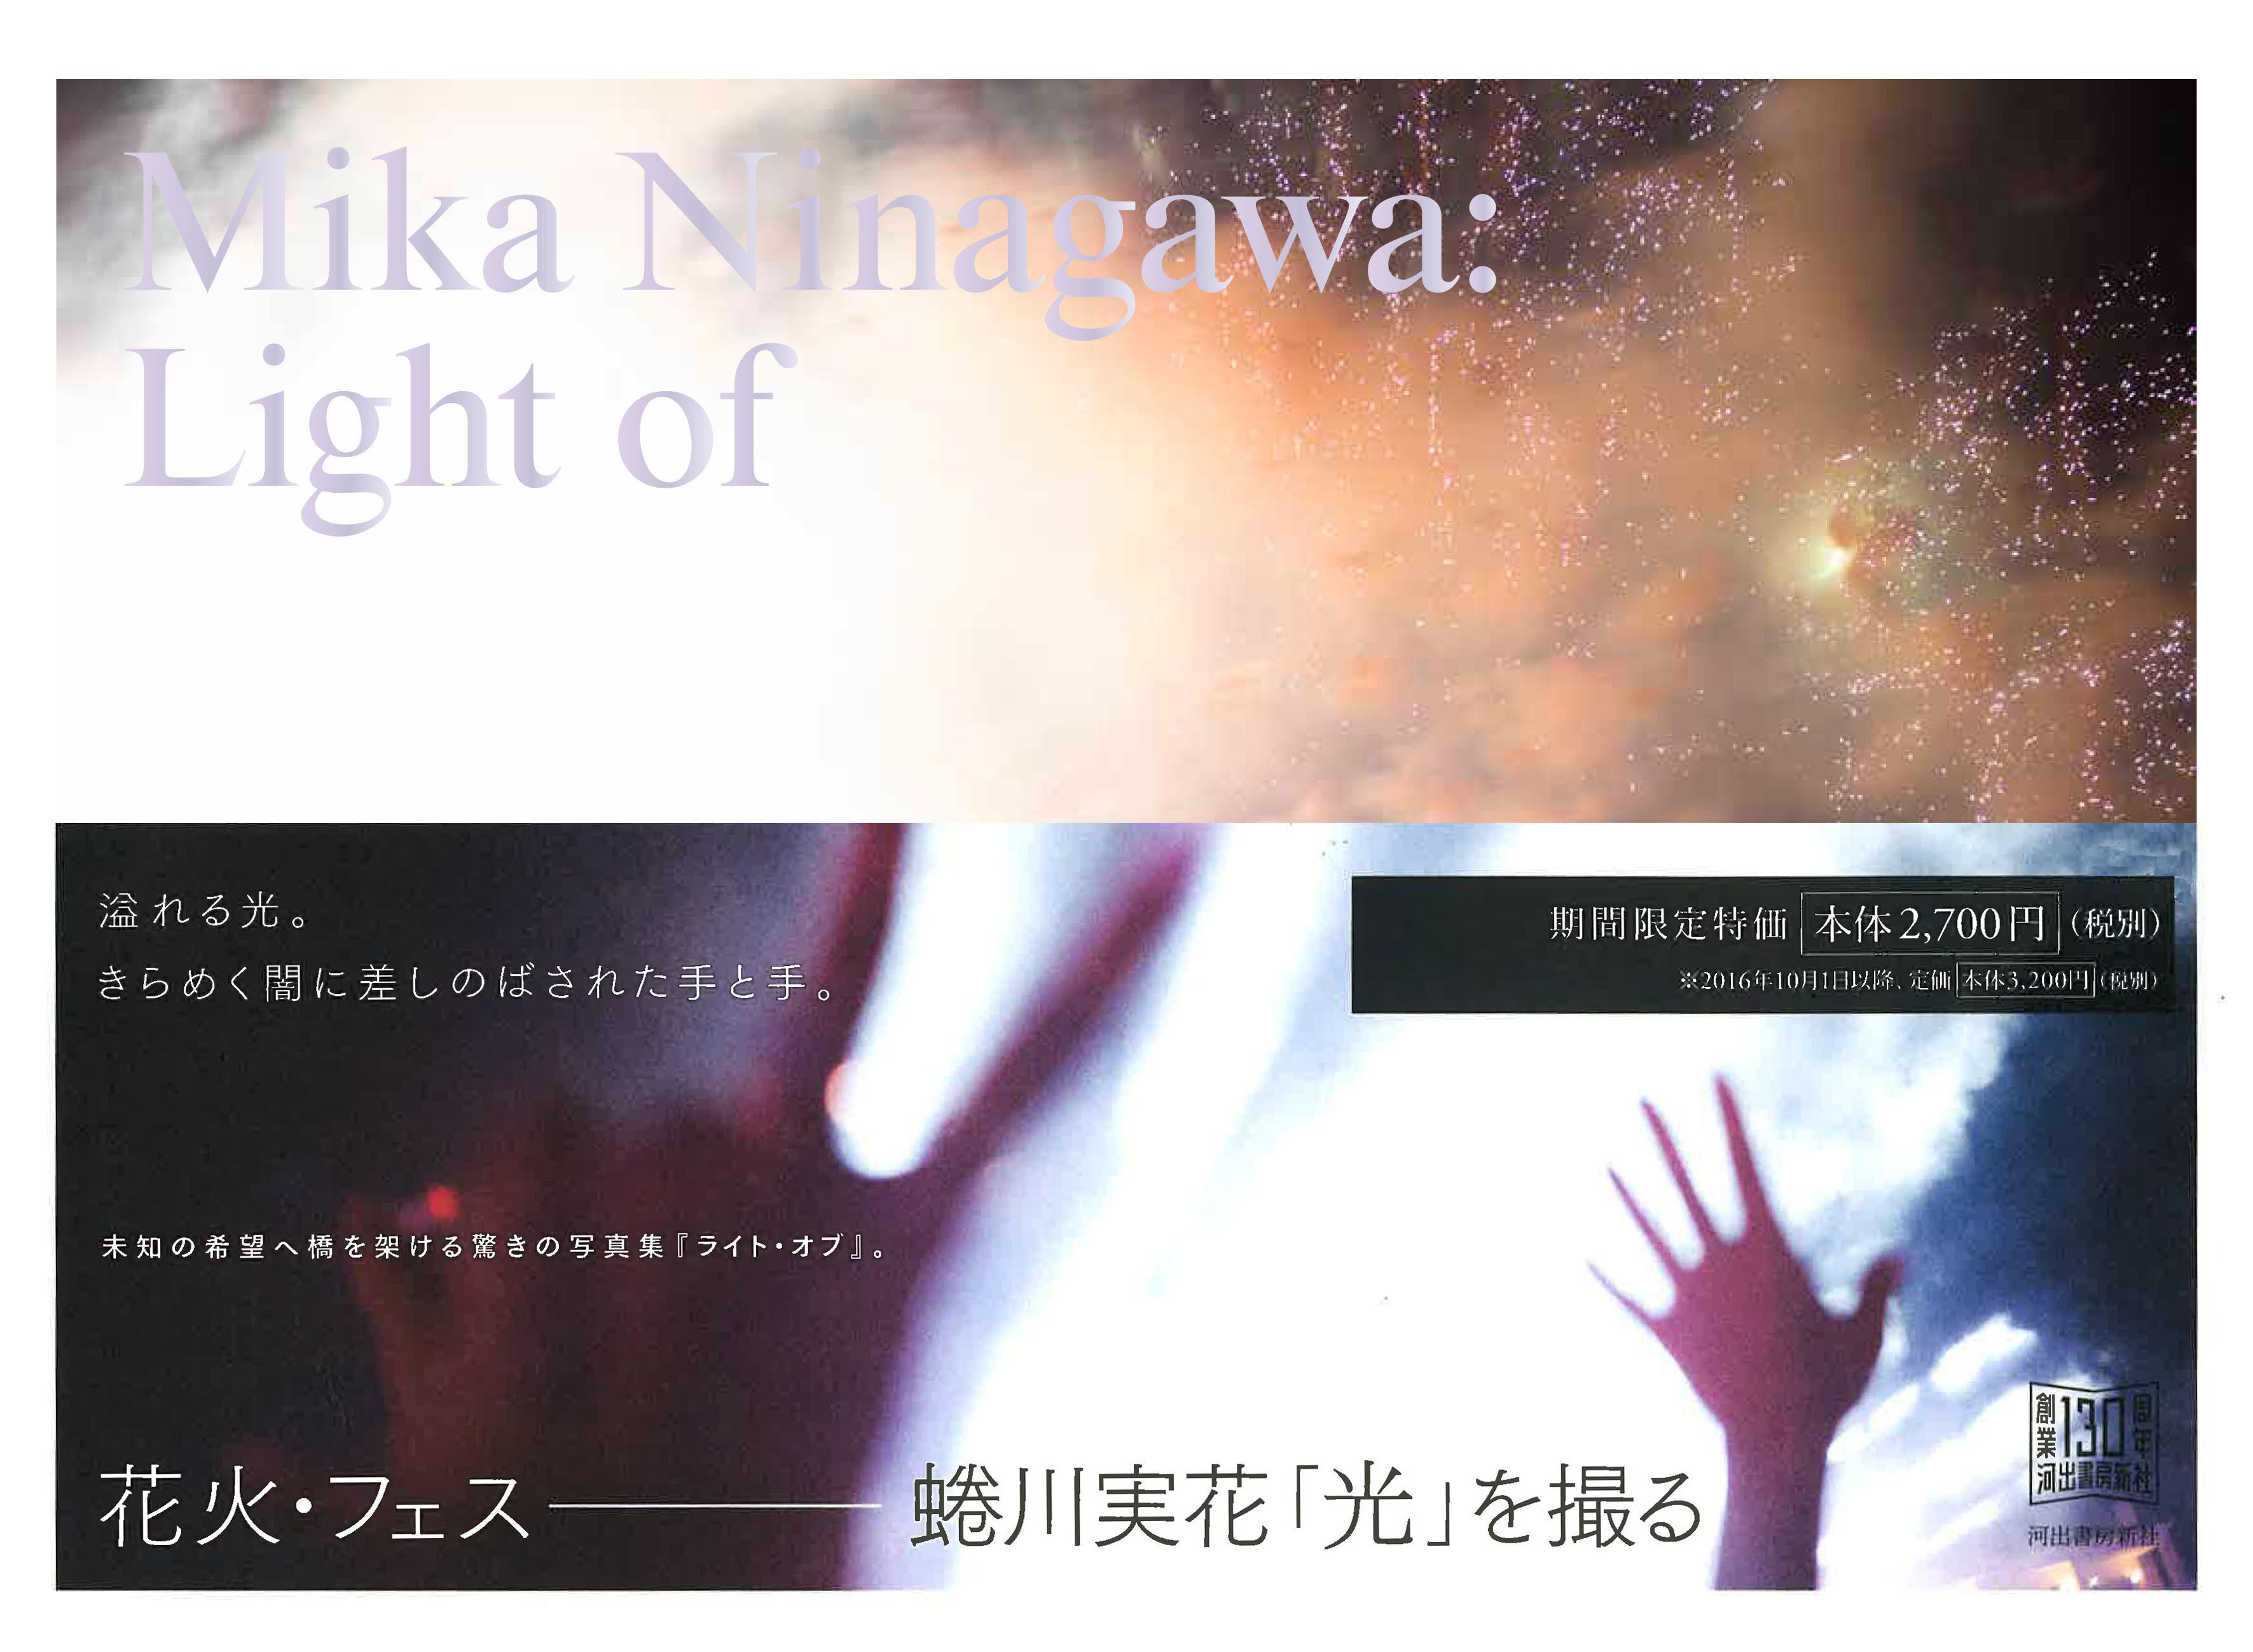 蜷川実花『Light of』